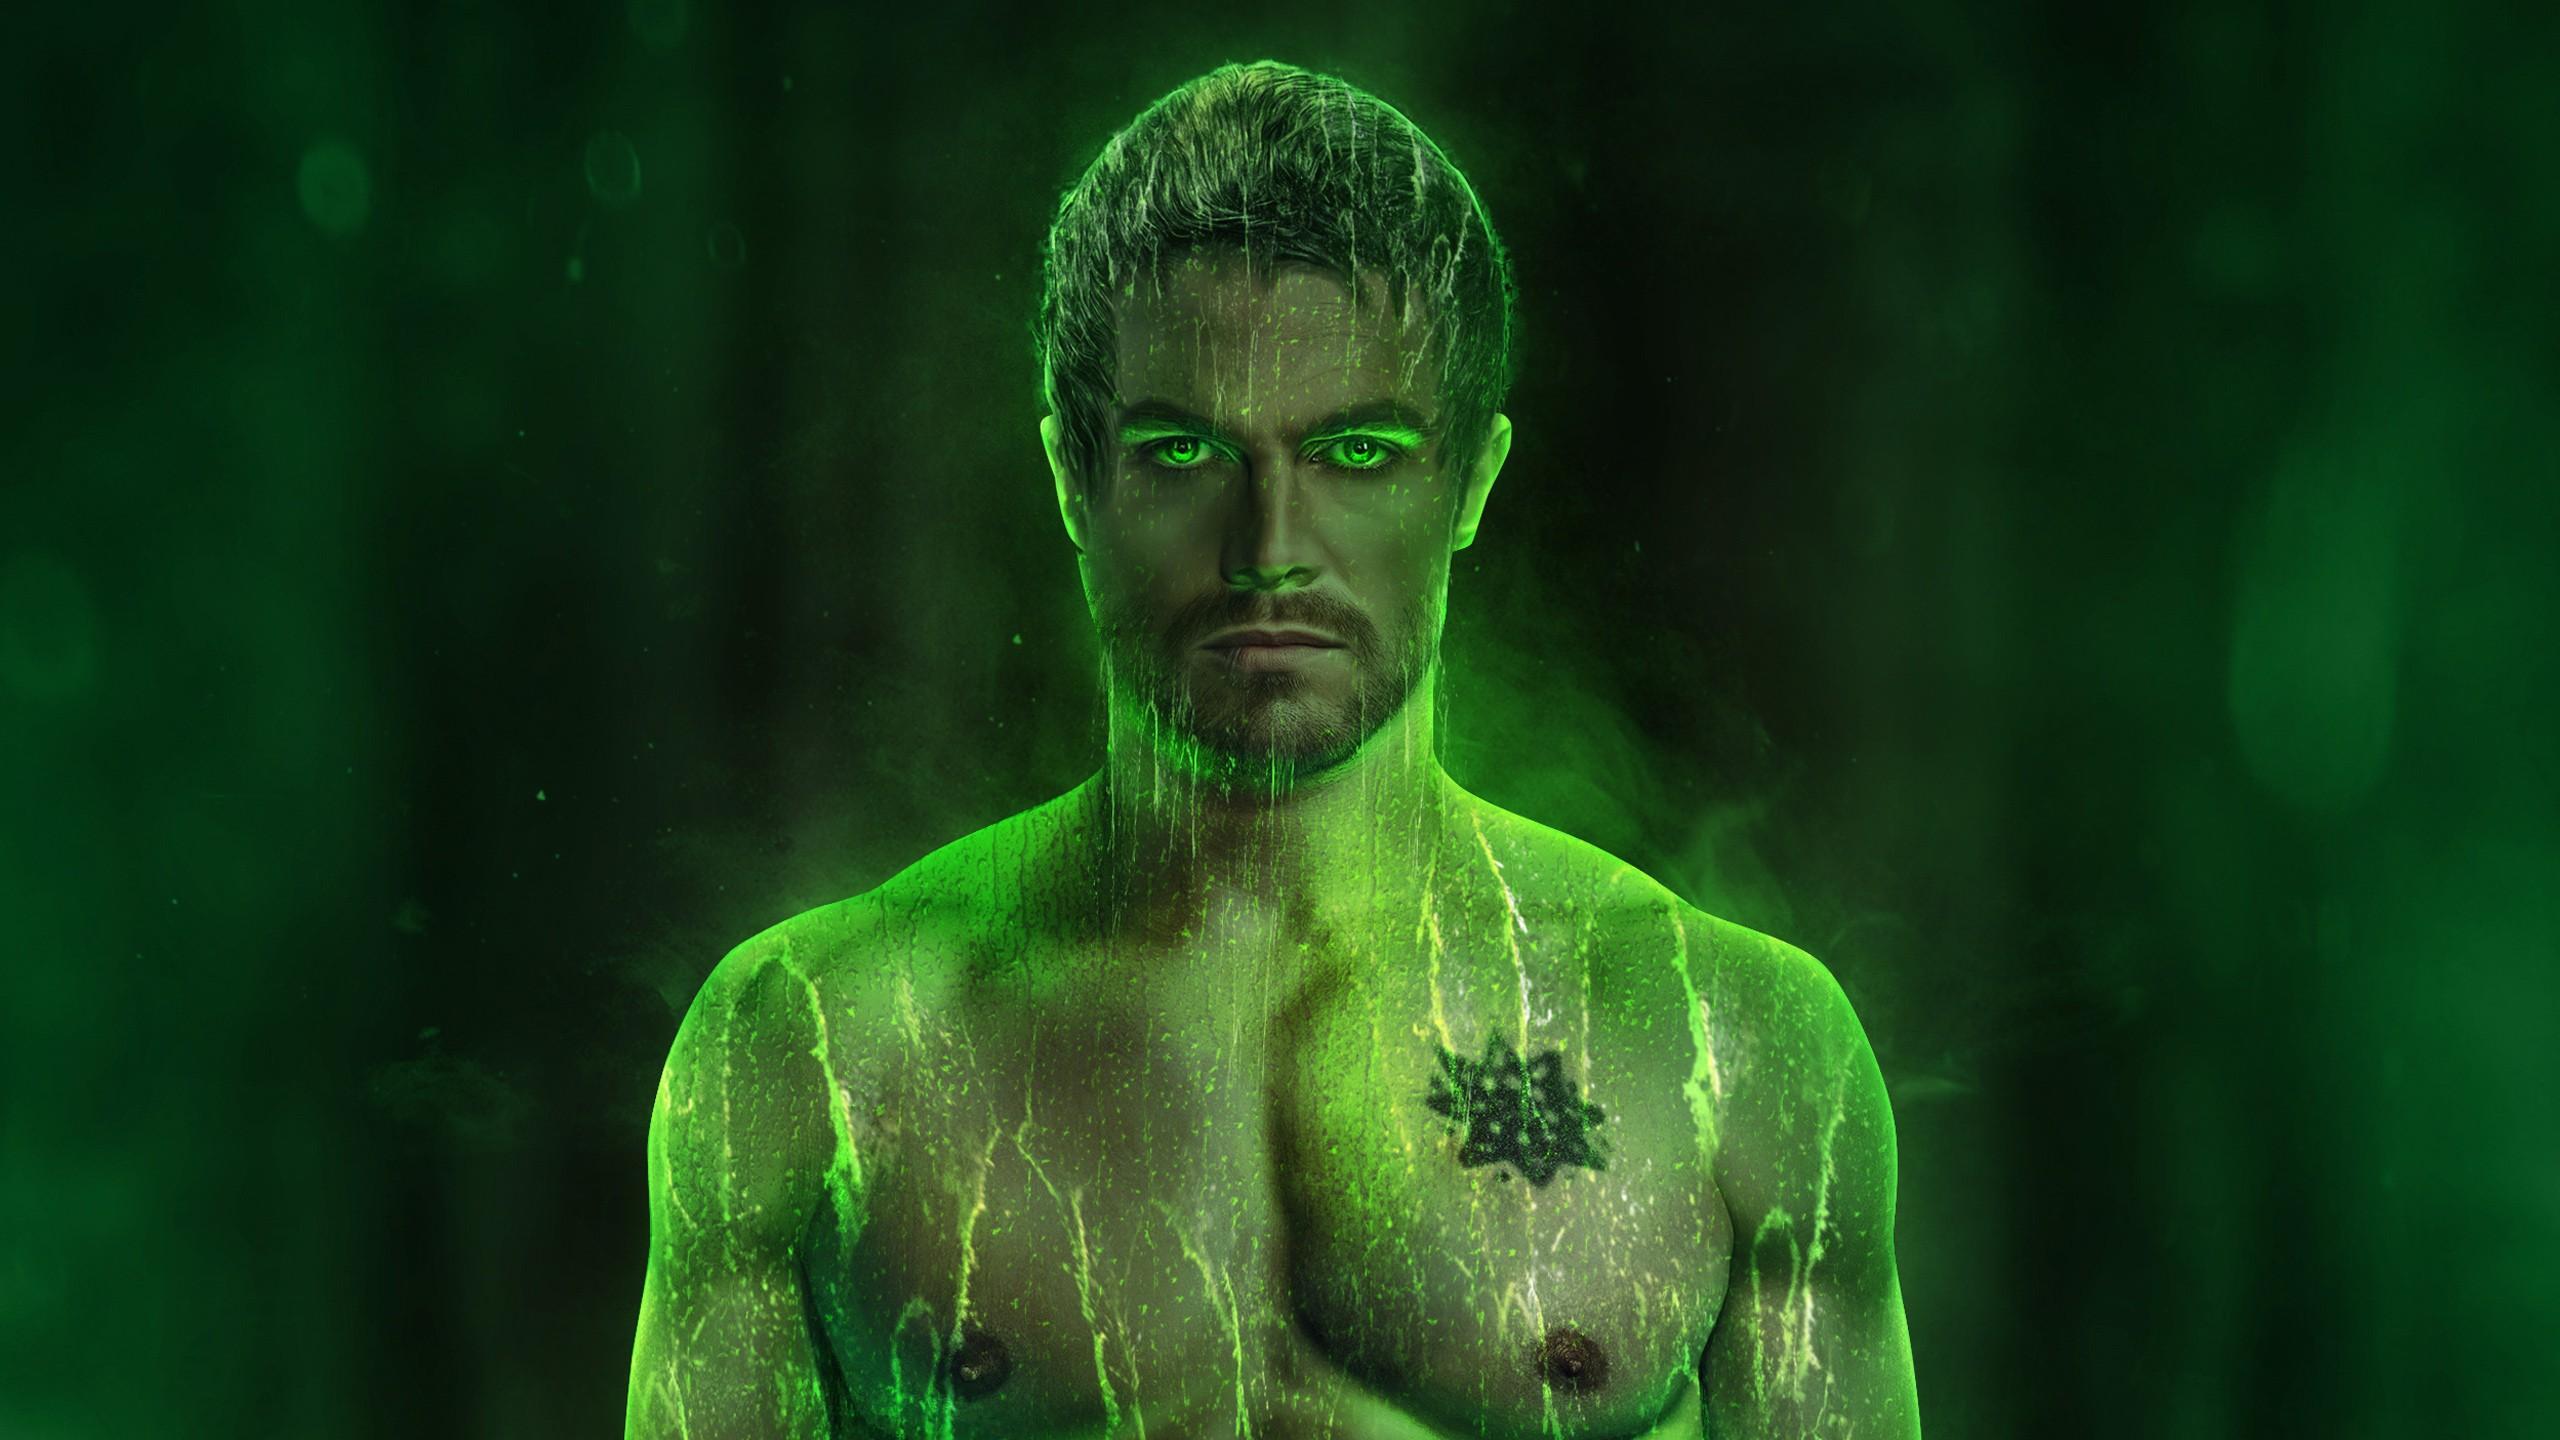 Prison Break Hd Wallpapers Download Arrow Oliver Queen Season 6 Wallpapers Hd Wallpapers